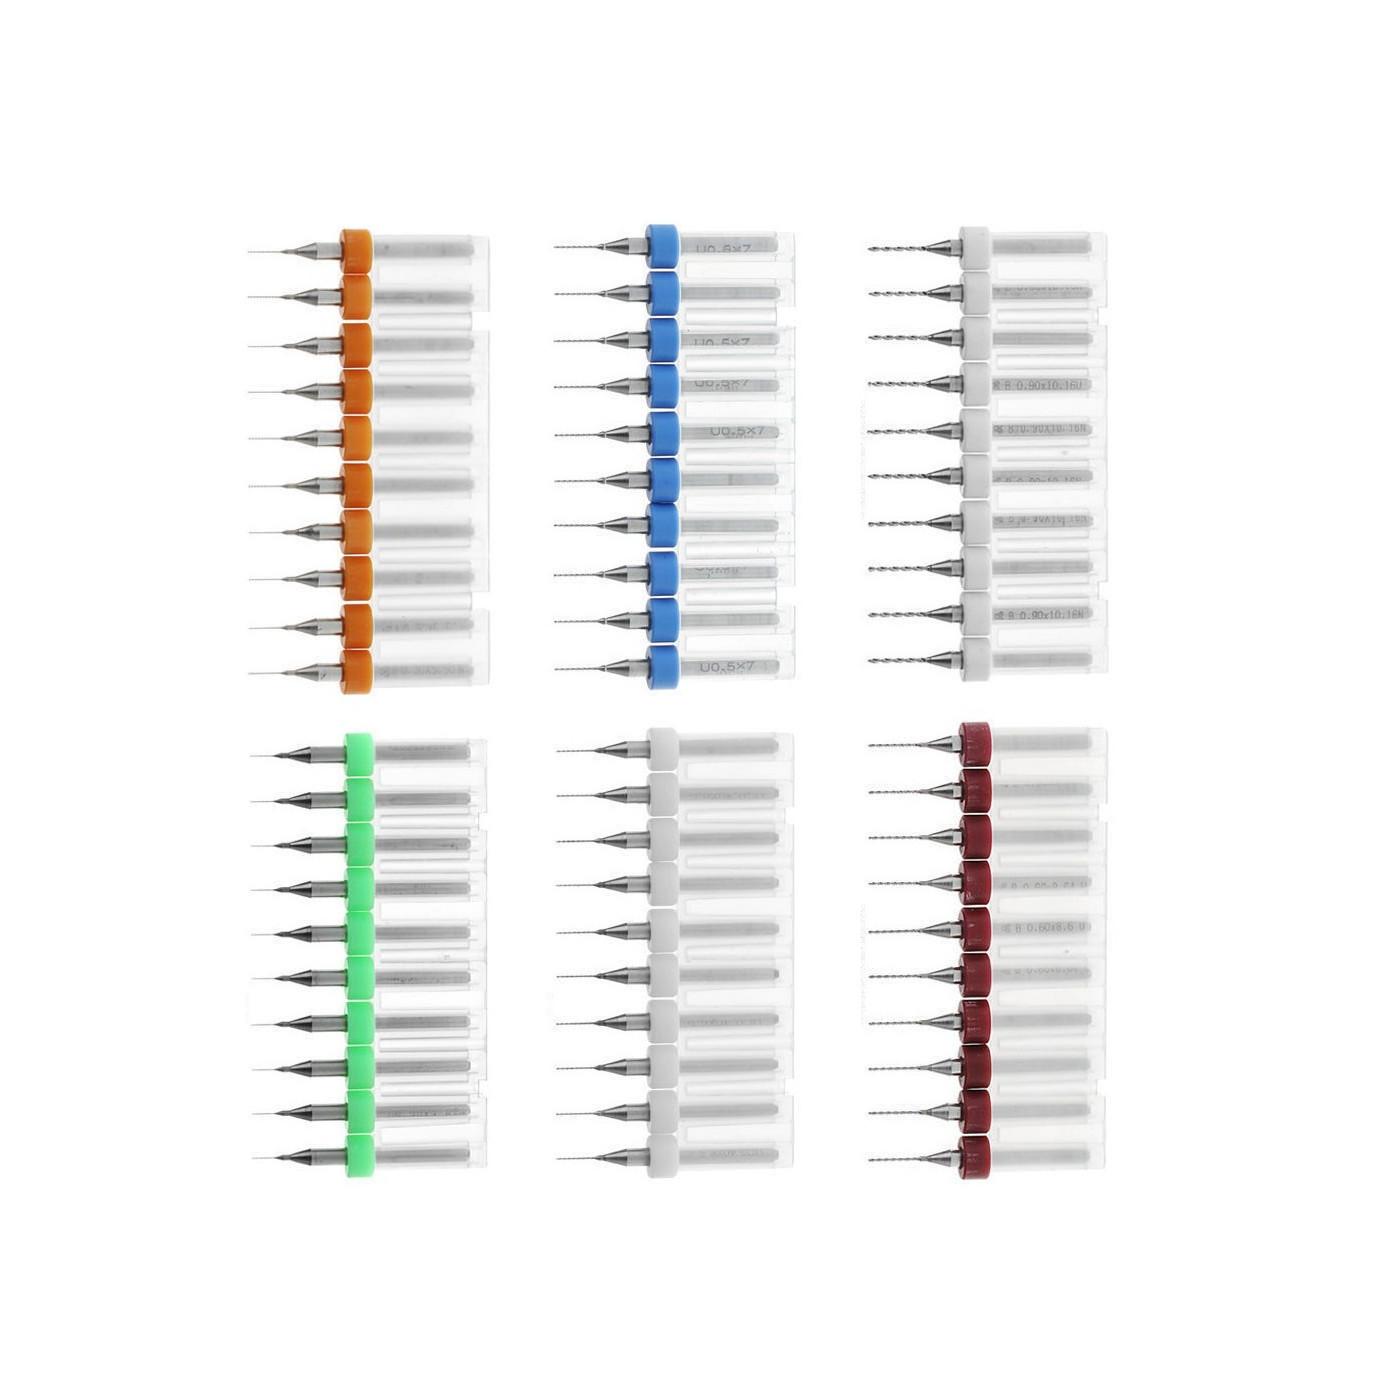 Ensemble de 10 micro forets dans une boîte (3.00 mm)  - 1